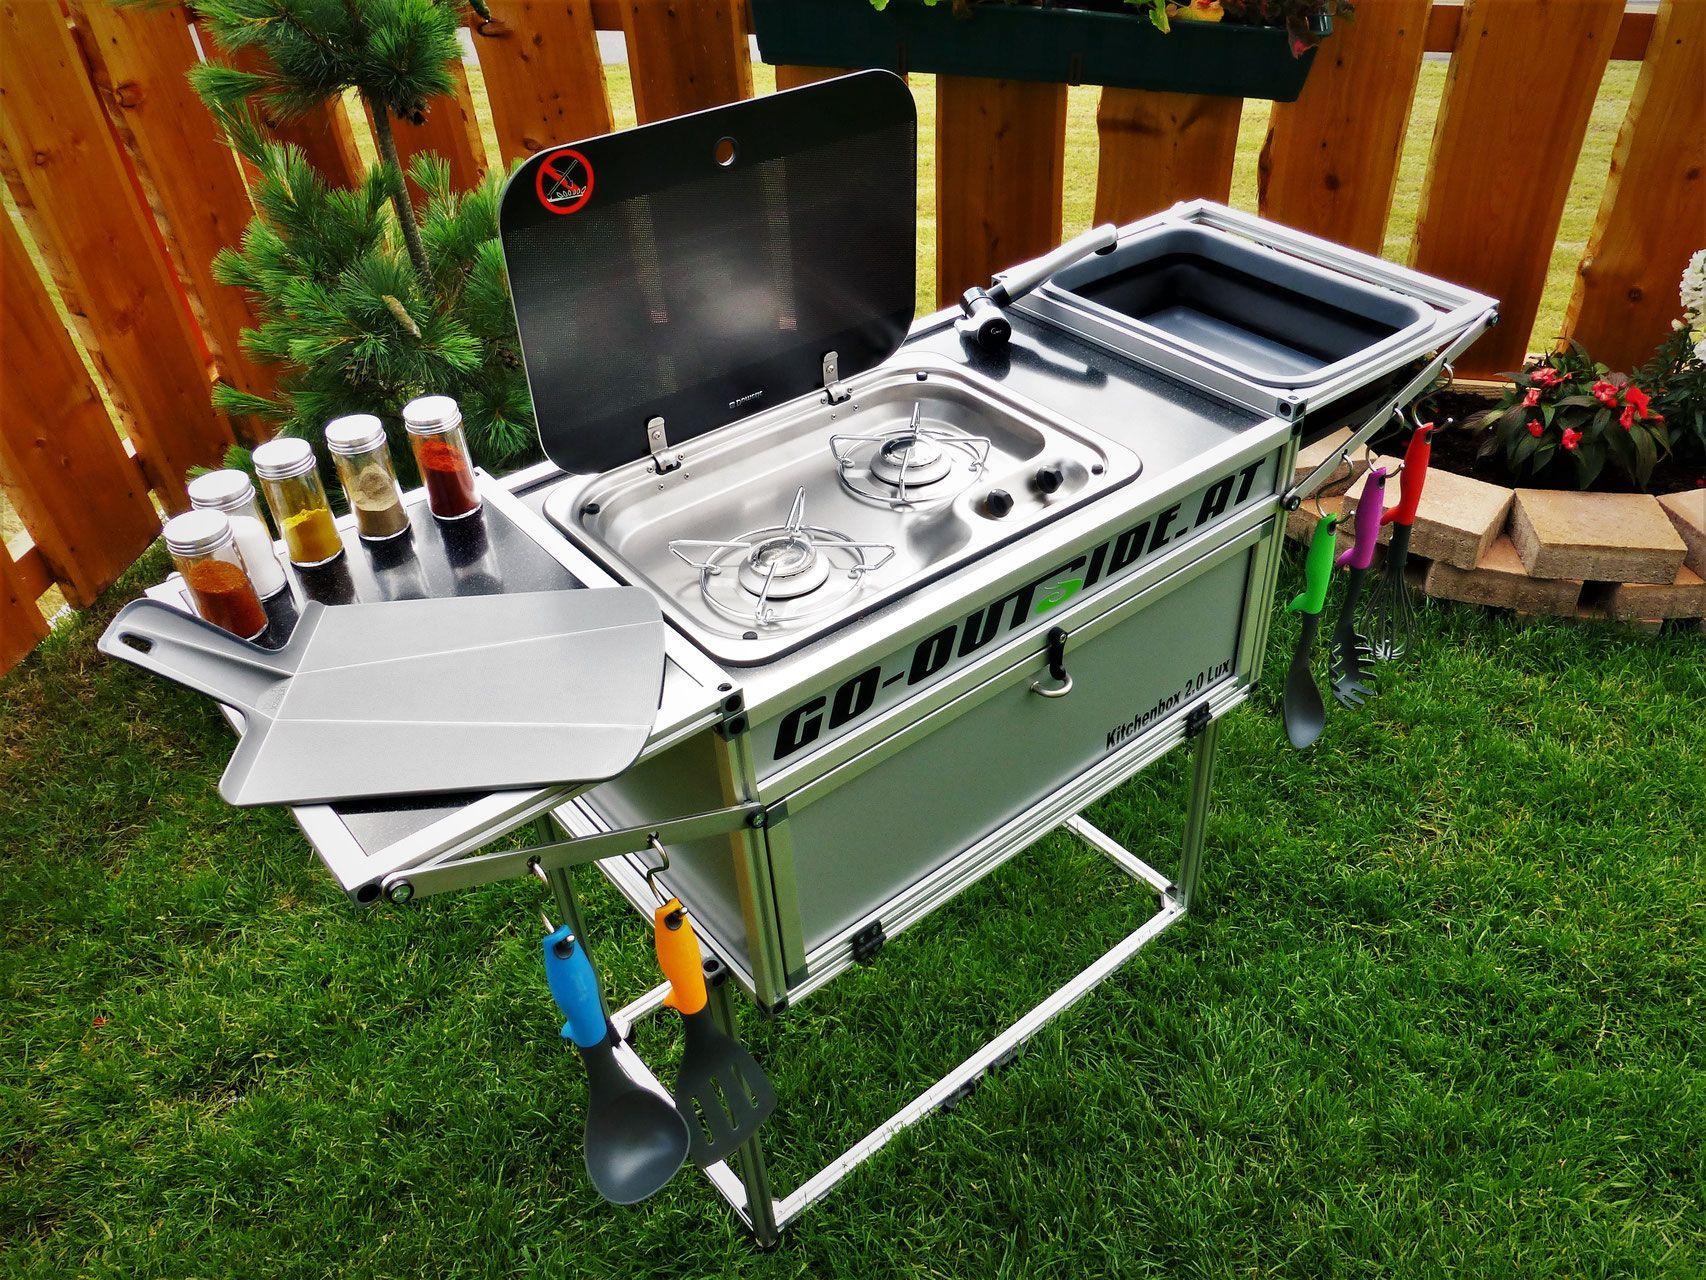 Outdoorküche Camping World : Camping und outdoor küche die kitchenbox ist speziell für das